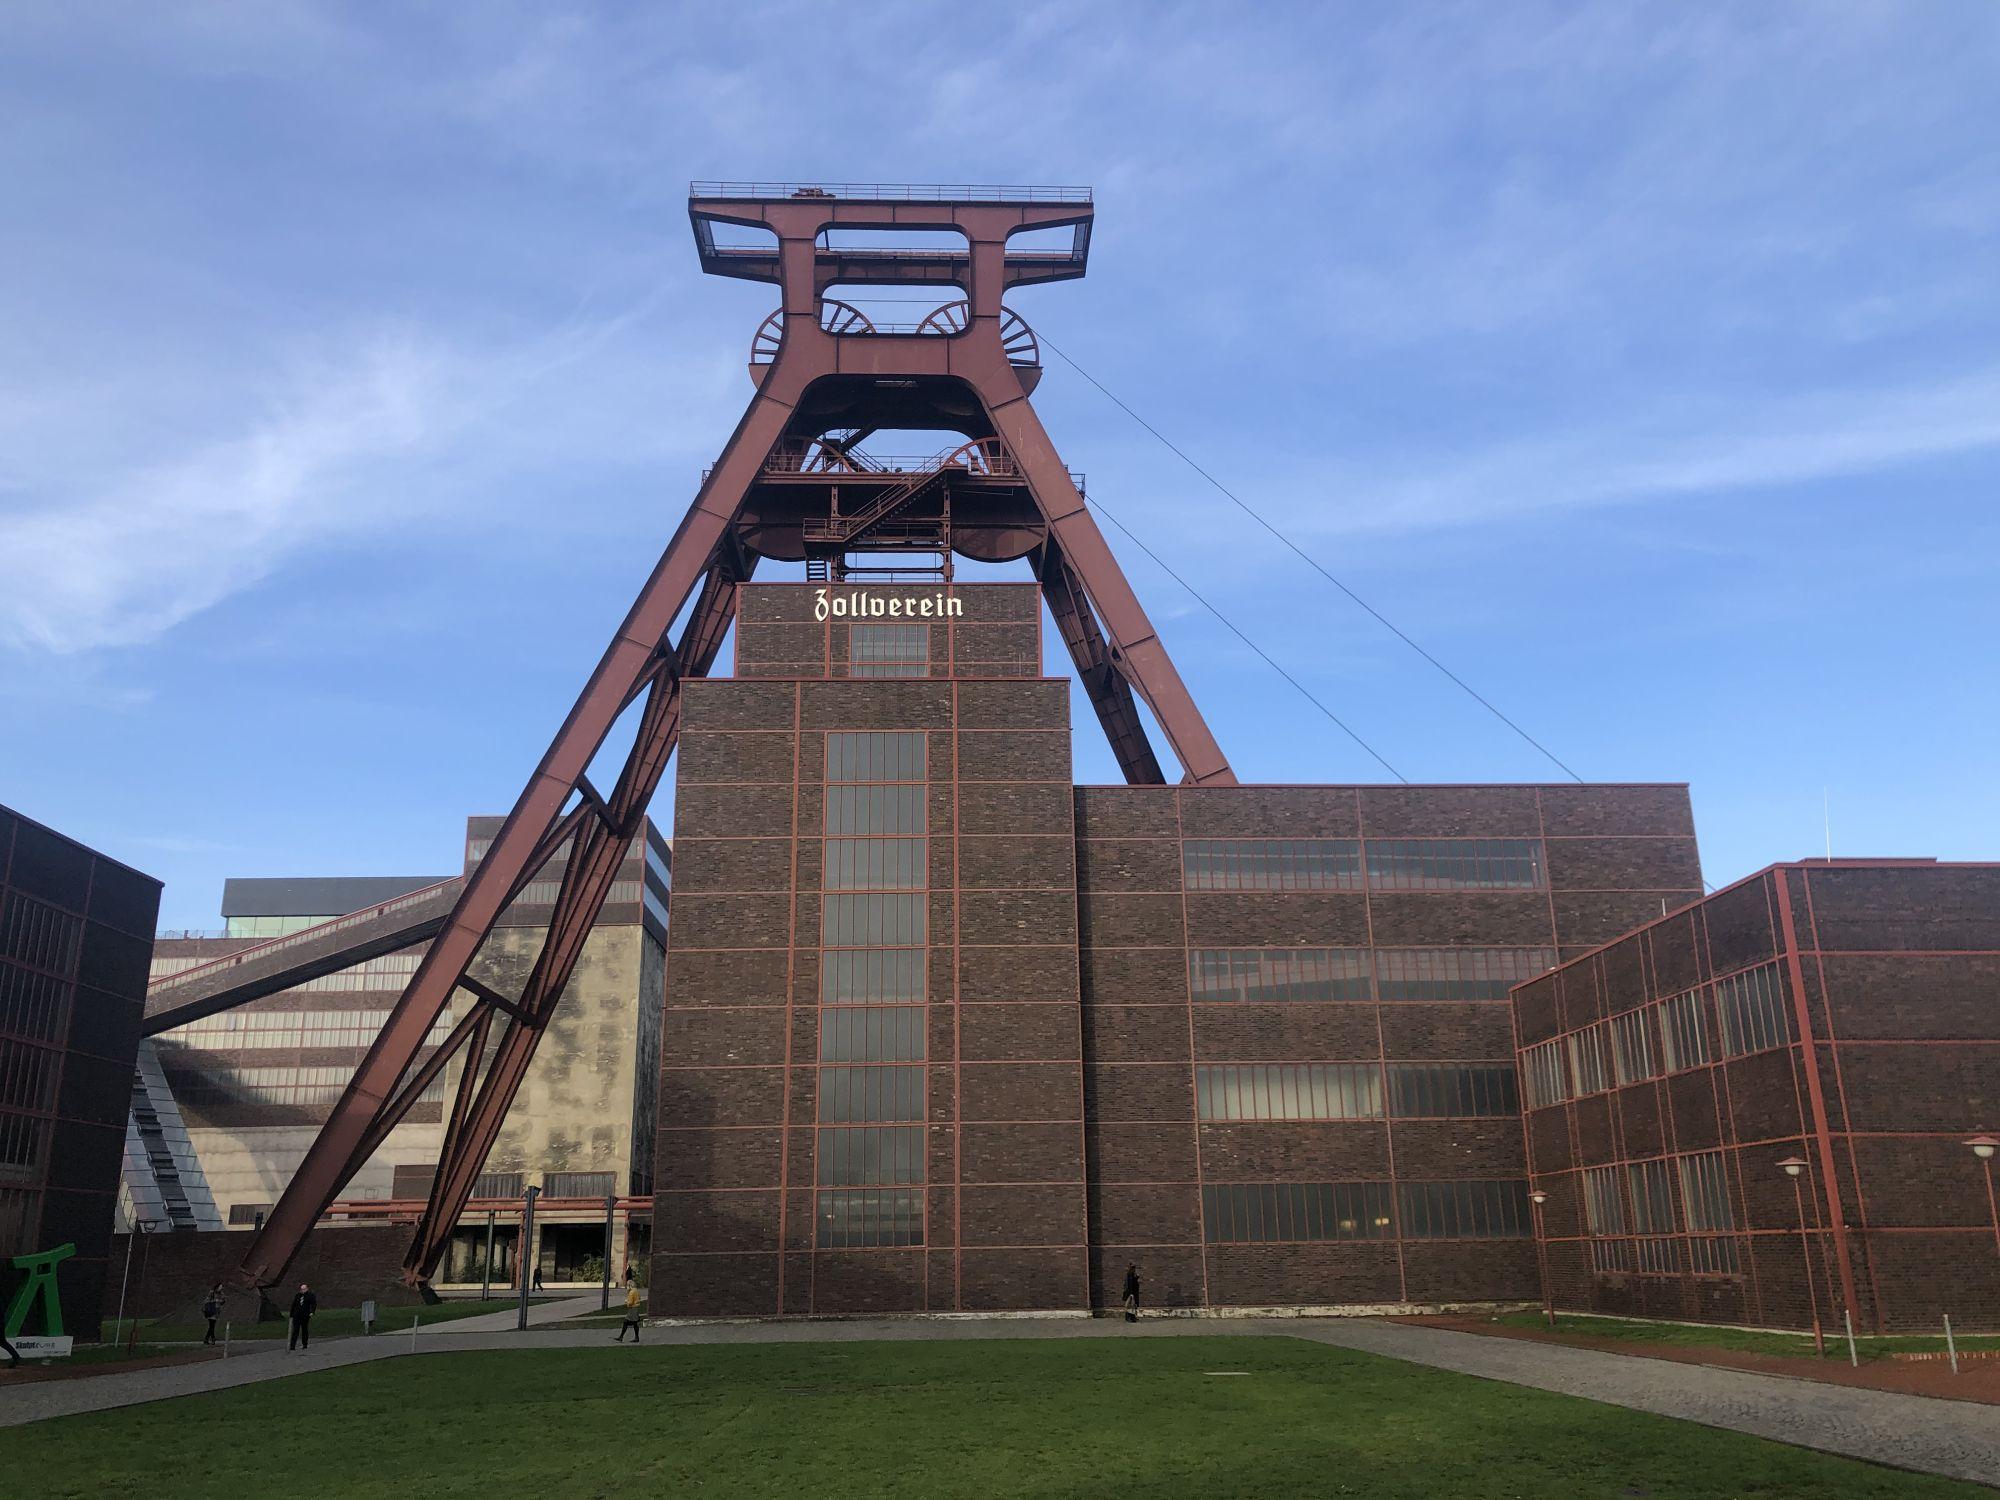 Veranstaltungsort Weltkulturerbe Zeche Zollverein Essen